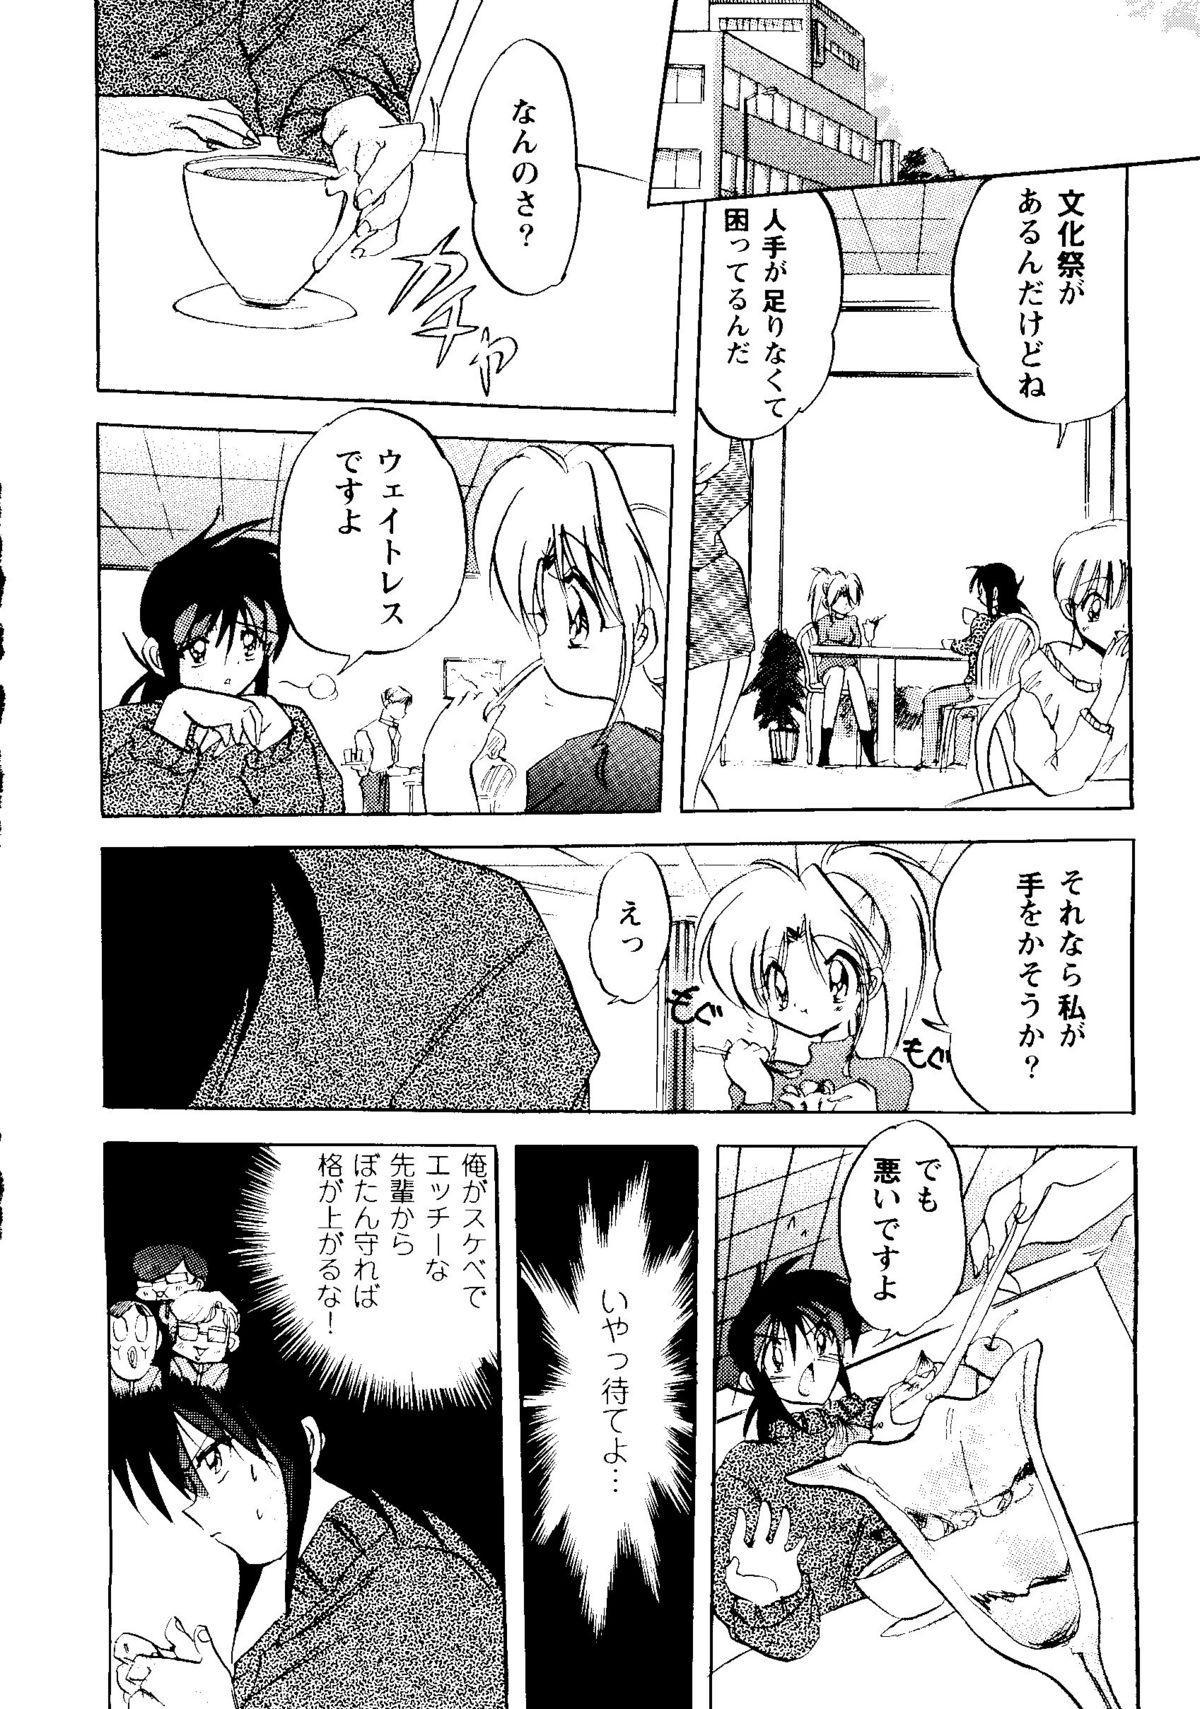 Bishoujo Doujinshi Anthology Cute 2 5